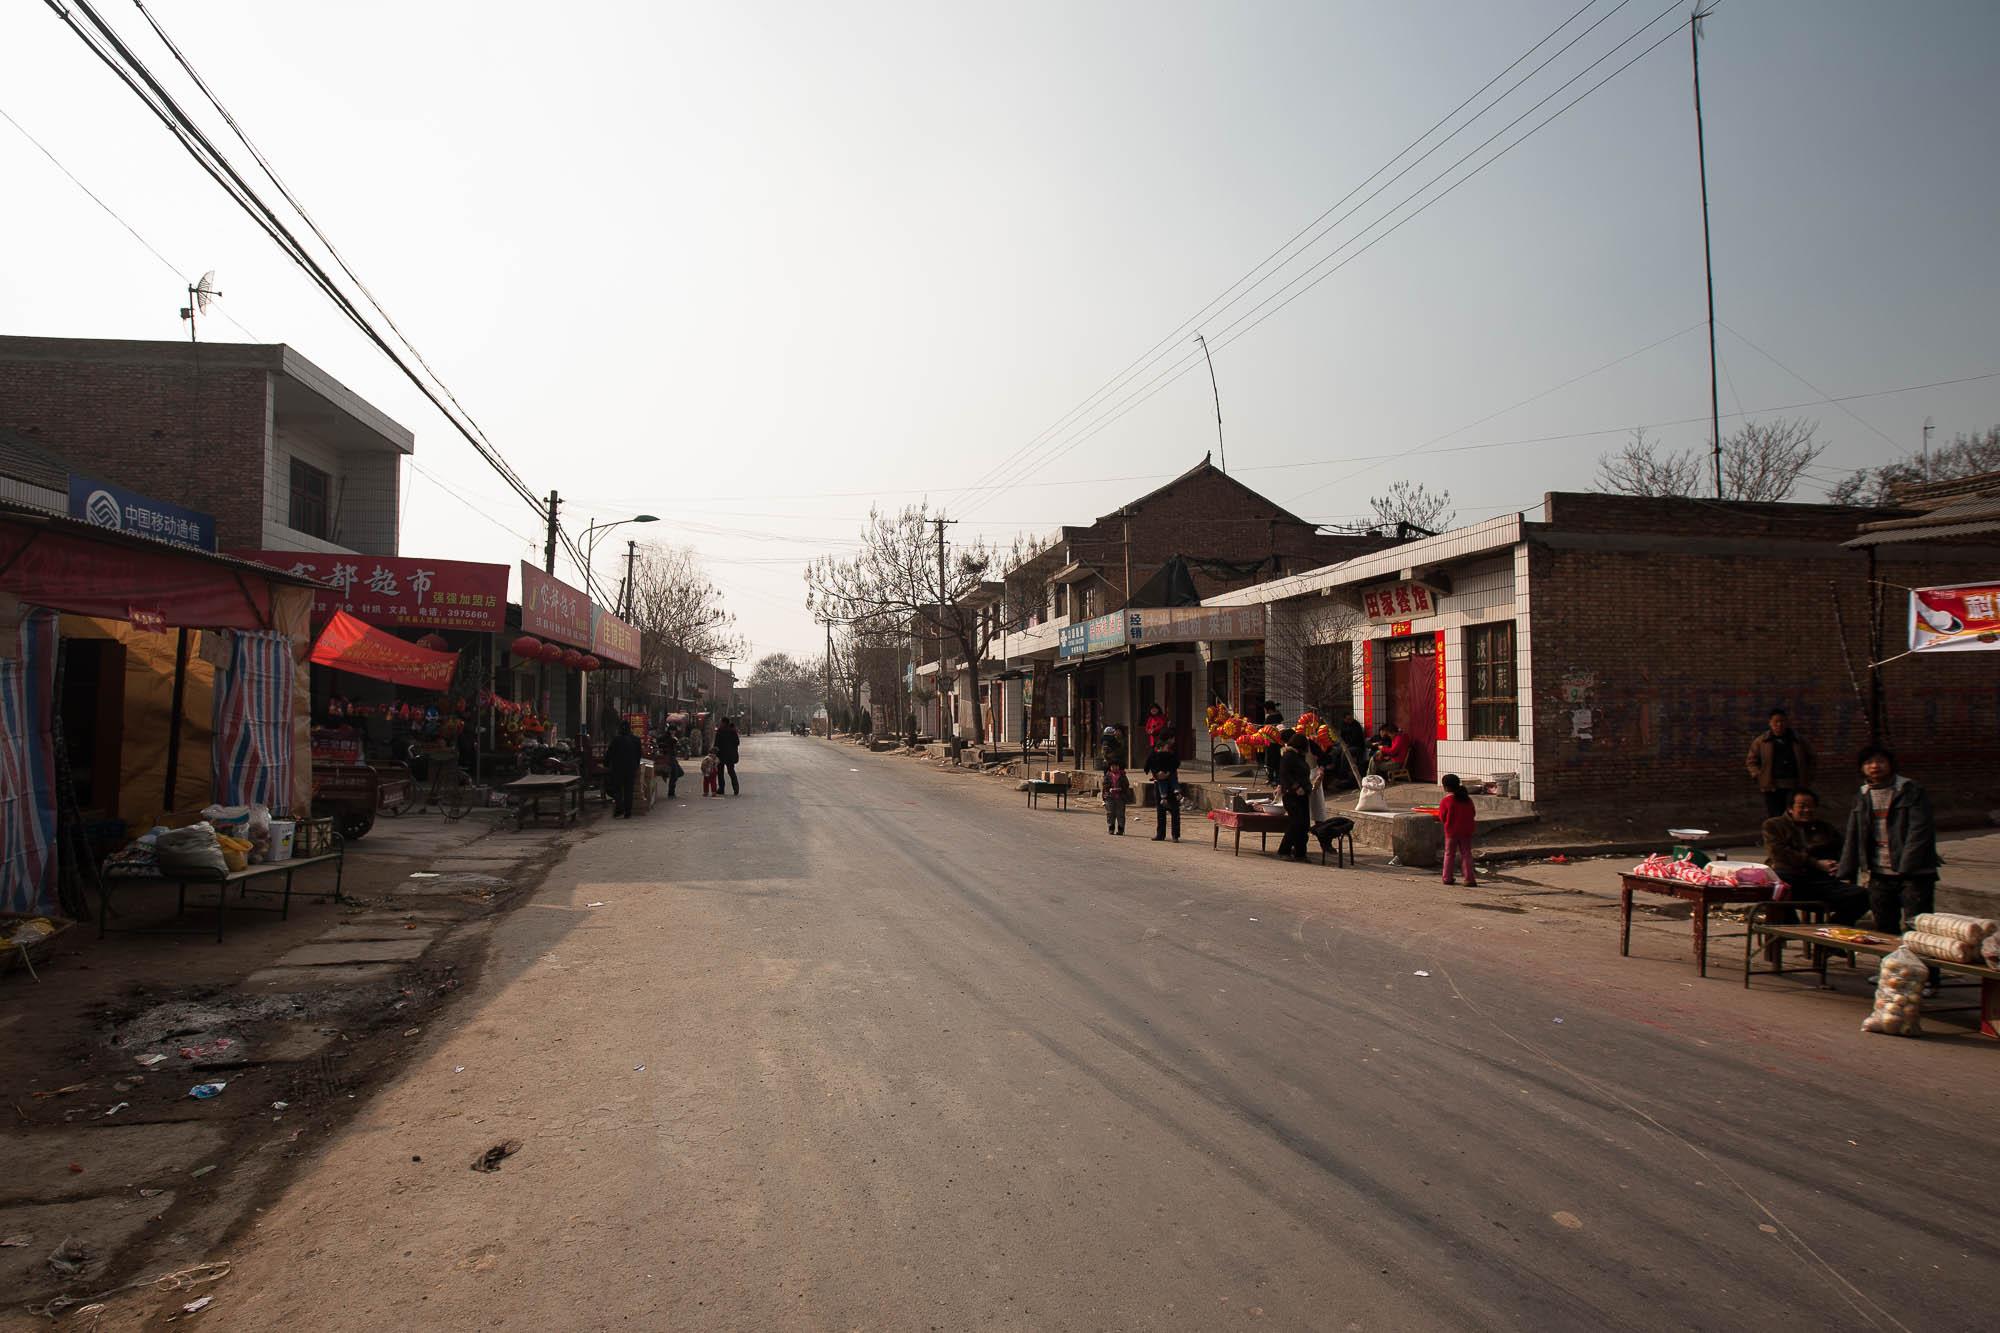 village in Shaanxi